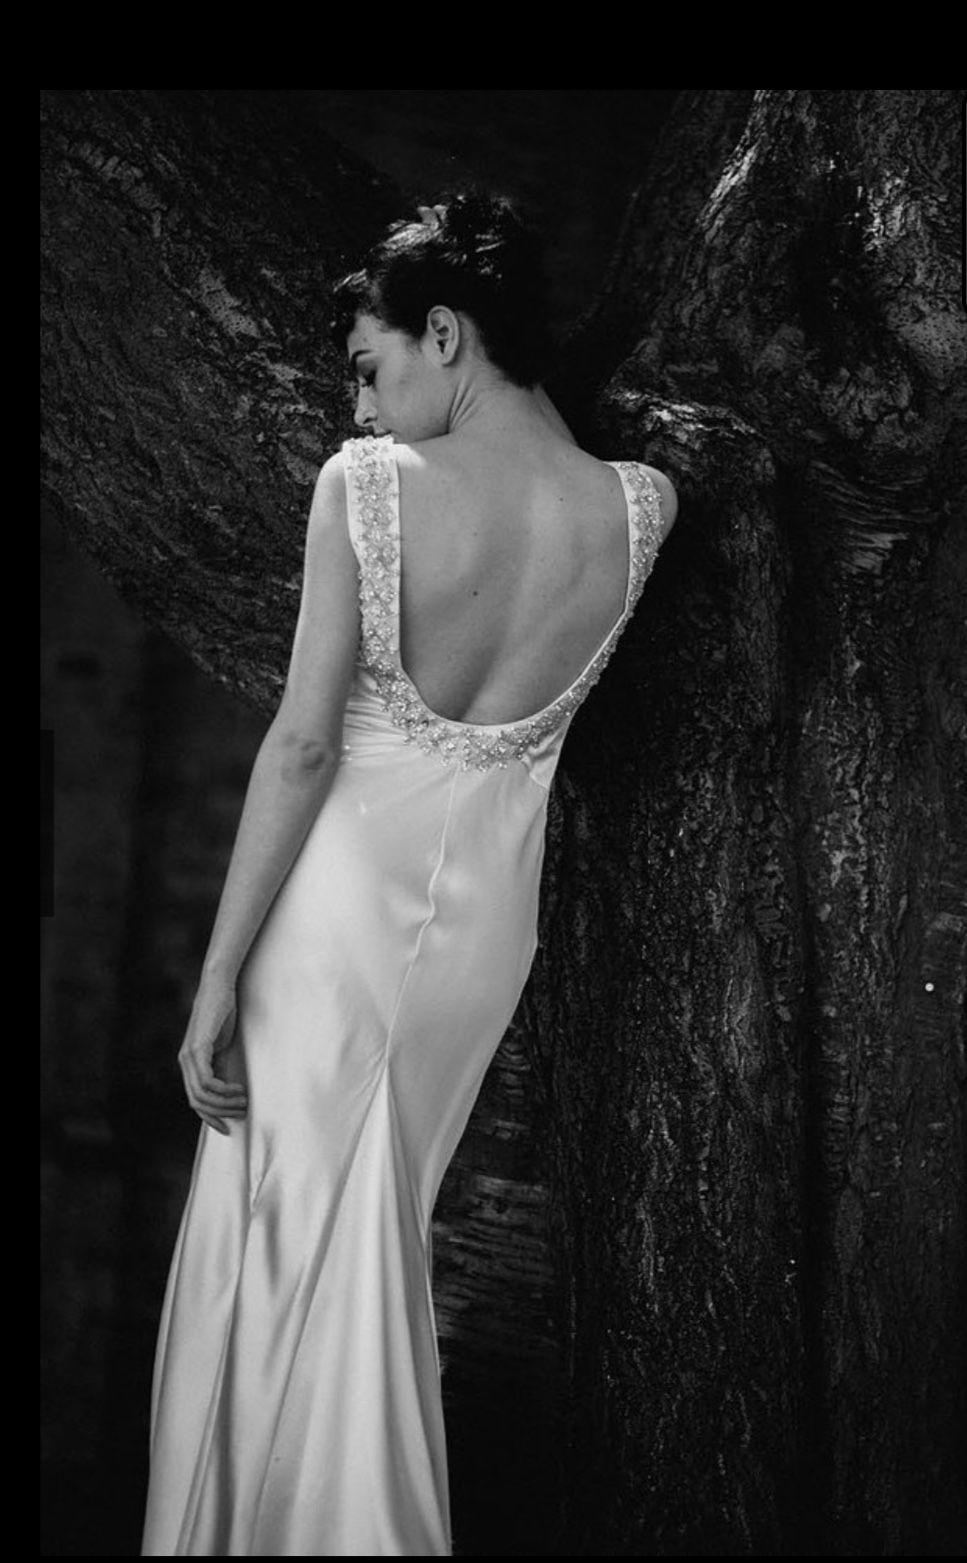 Preloved pronovias wedding dresses  La Poesie uEliseu  lapoesie elise beadedweddingdress